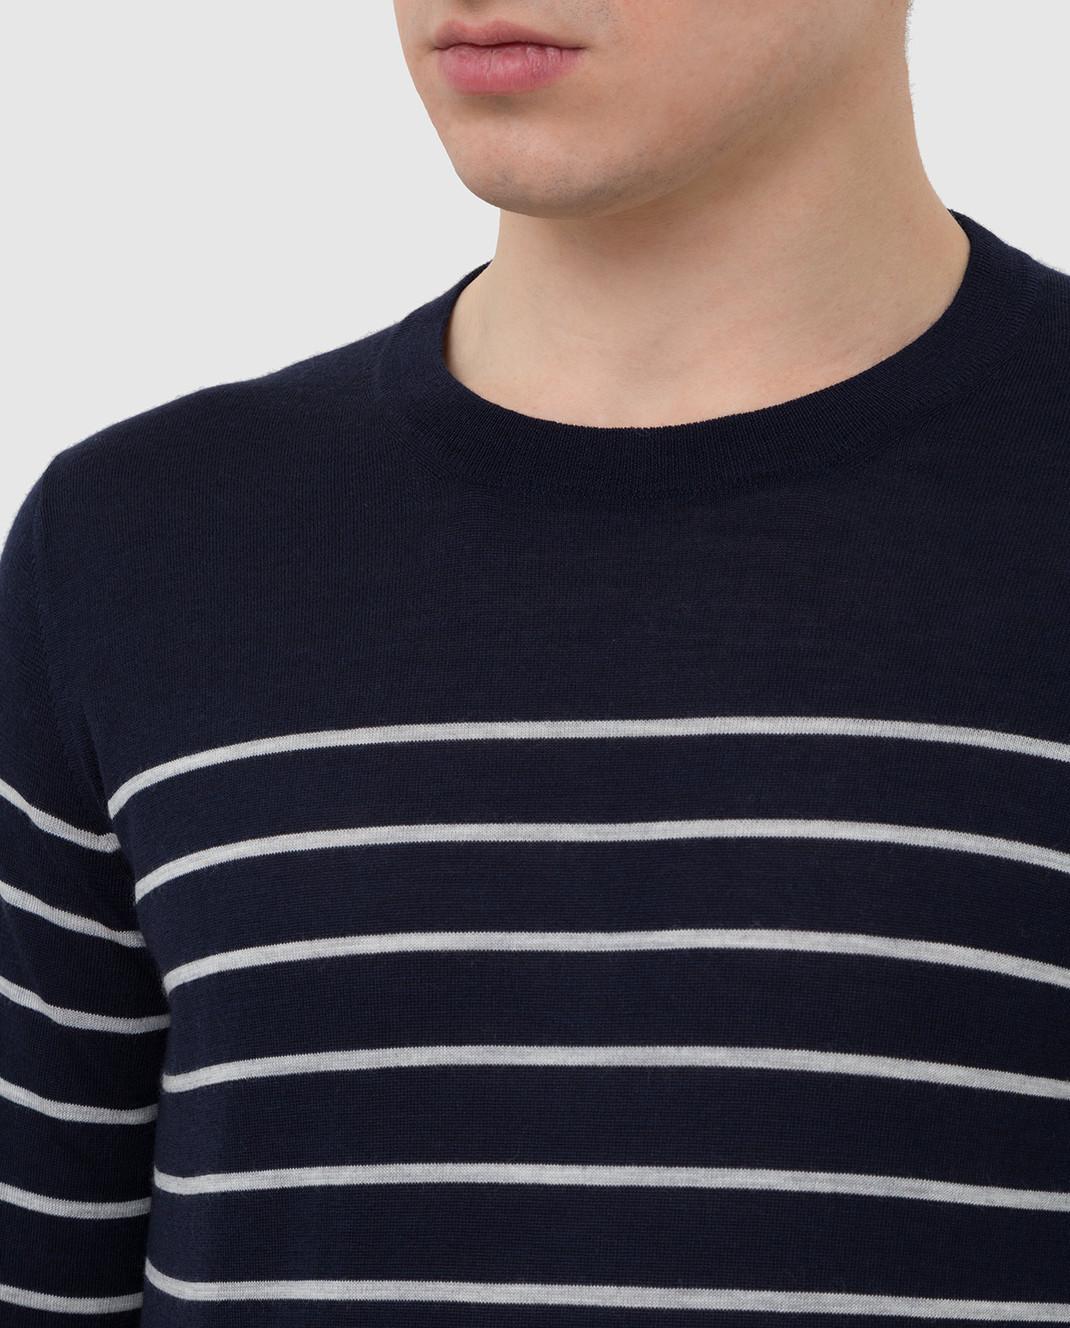 Brunello Cucinelli Темно-синий джемпер из шерсти и кашемира M24802100 изображение 5